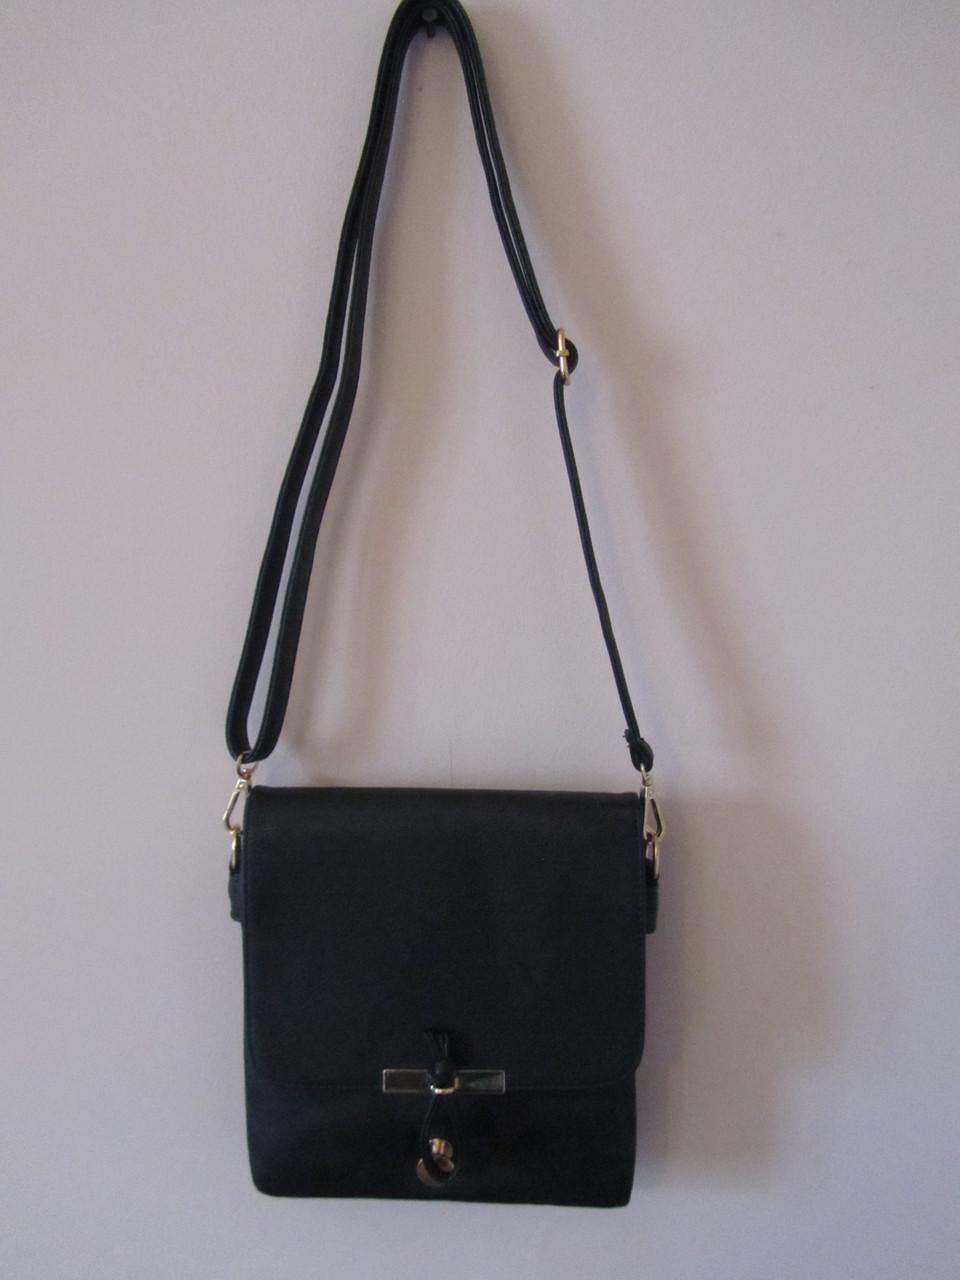 d47667bfc934 Маленькая женская сумка через плечо - Интернет-магазин